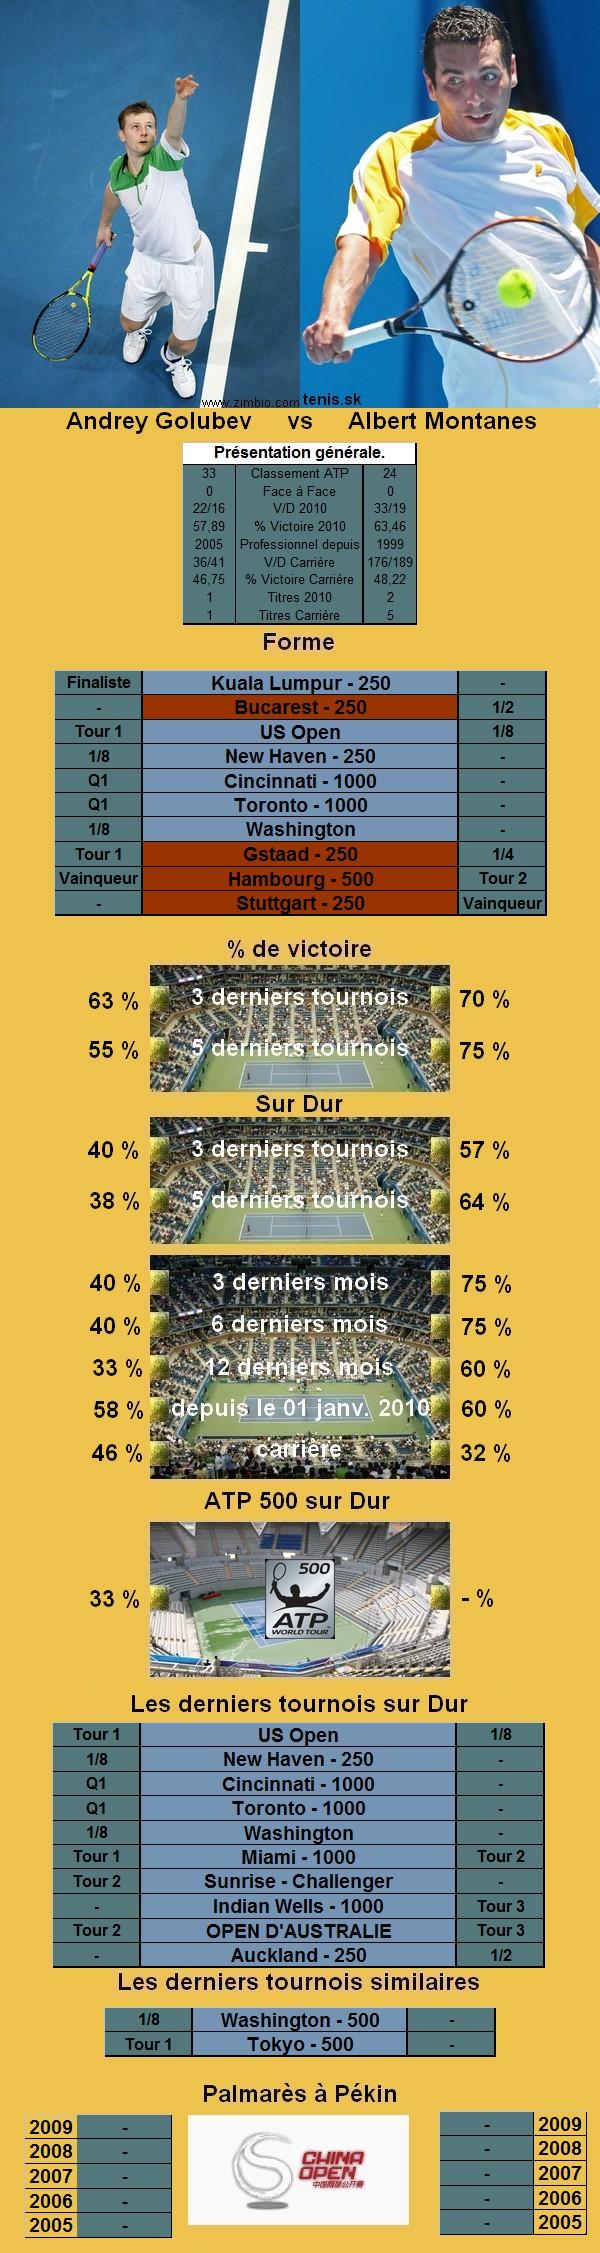 Statistiques tennis de Golubev contre Montanes à Pekin